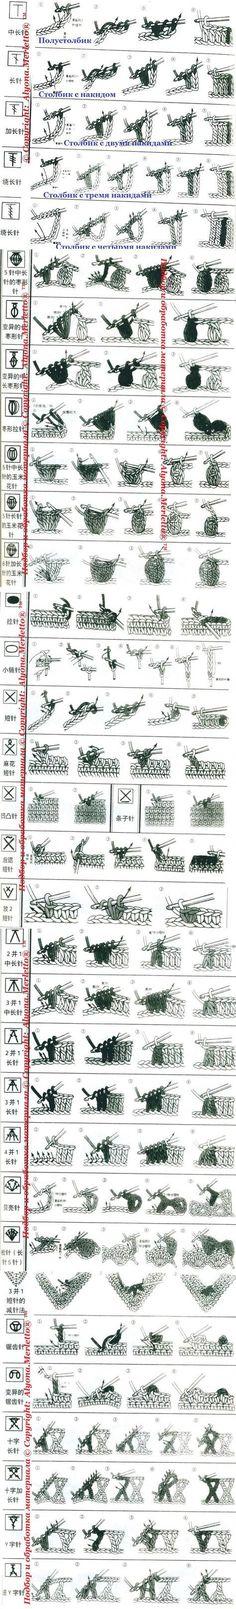 Ponto chinês